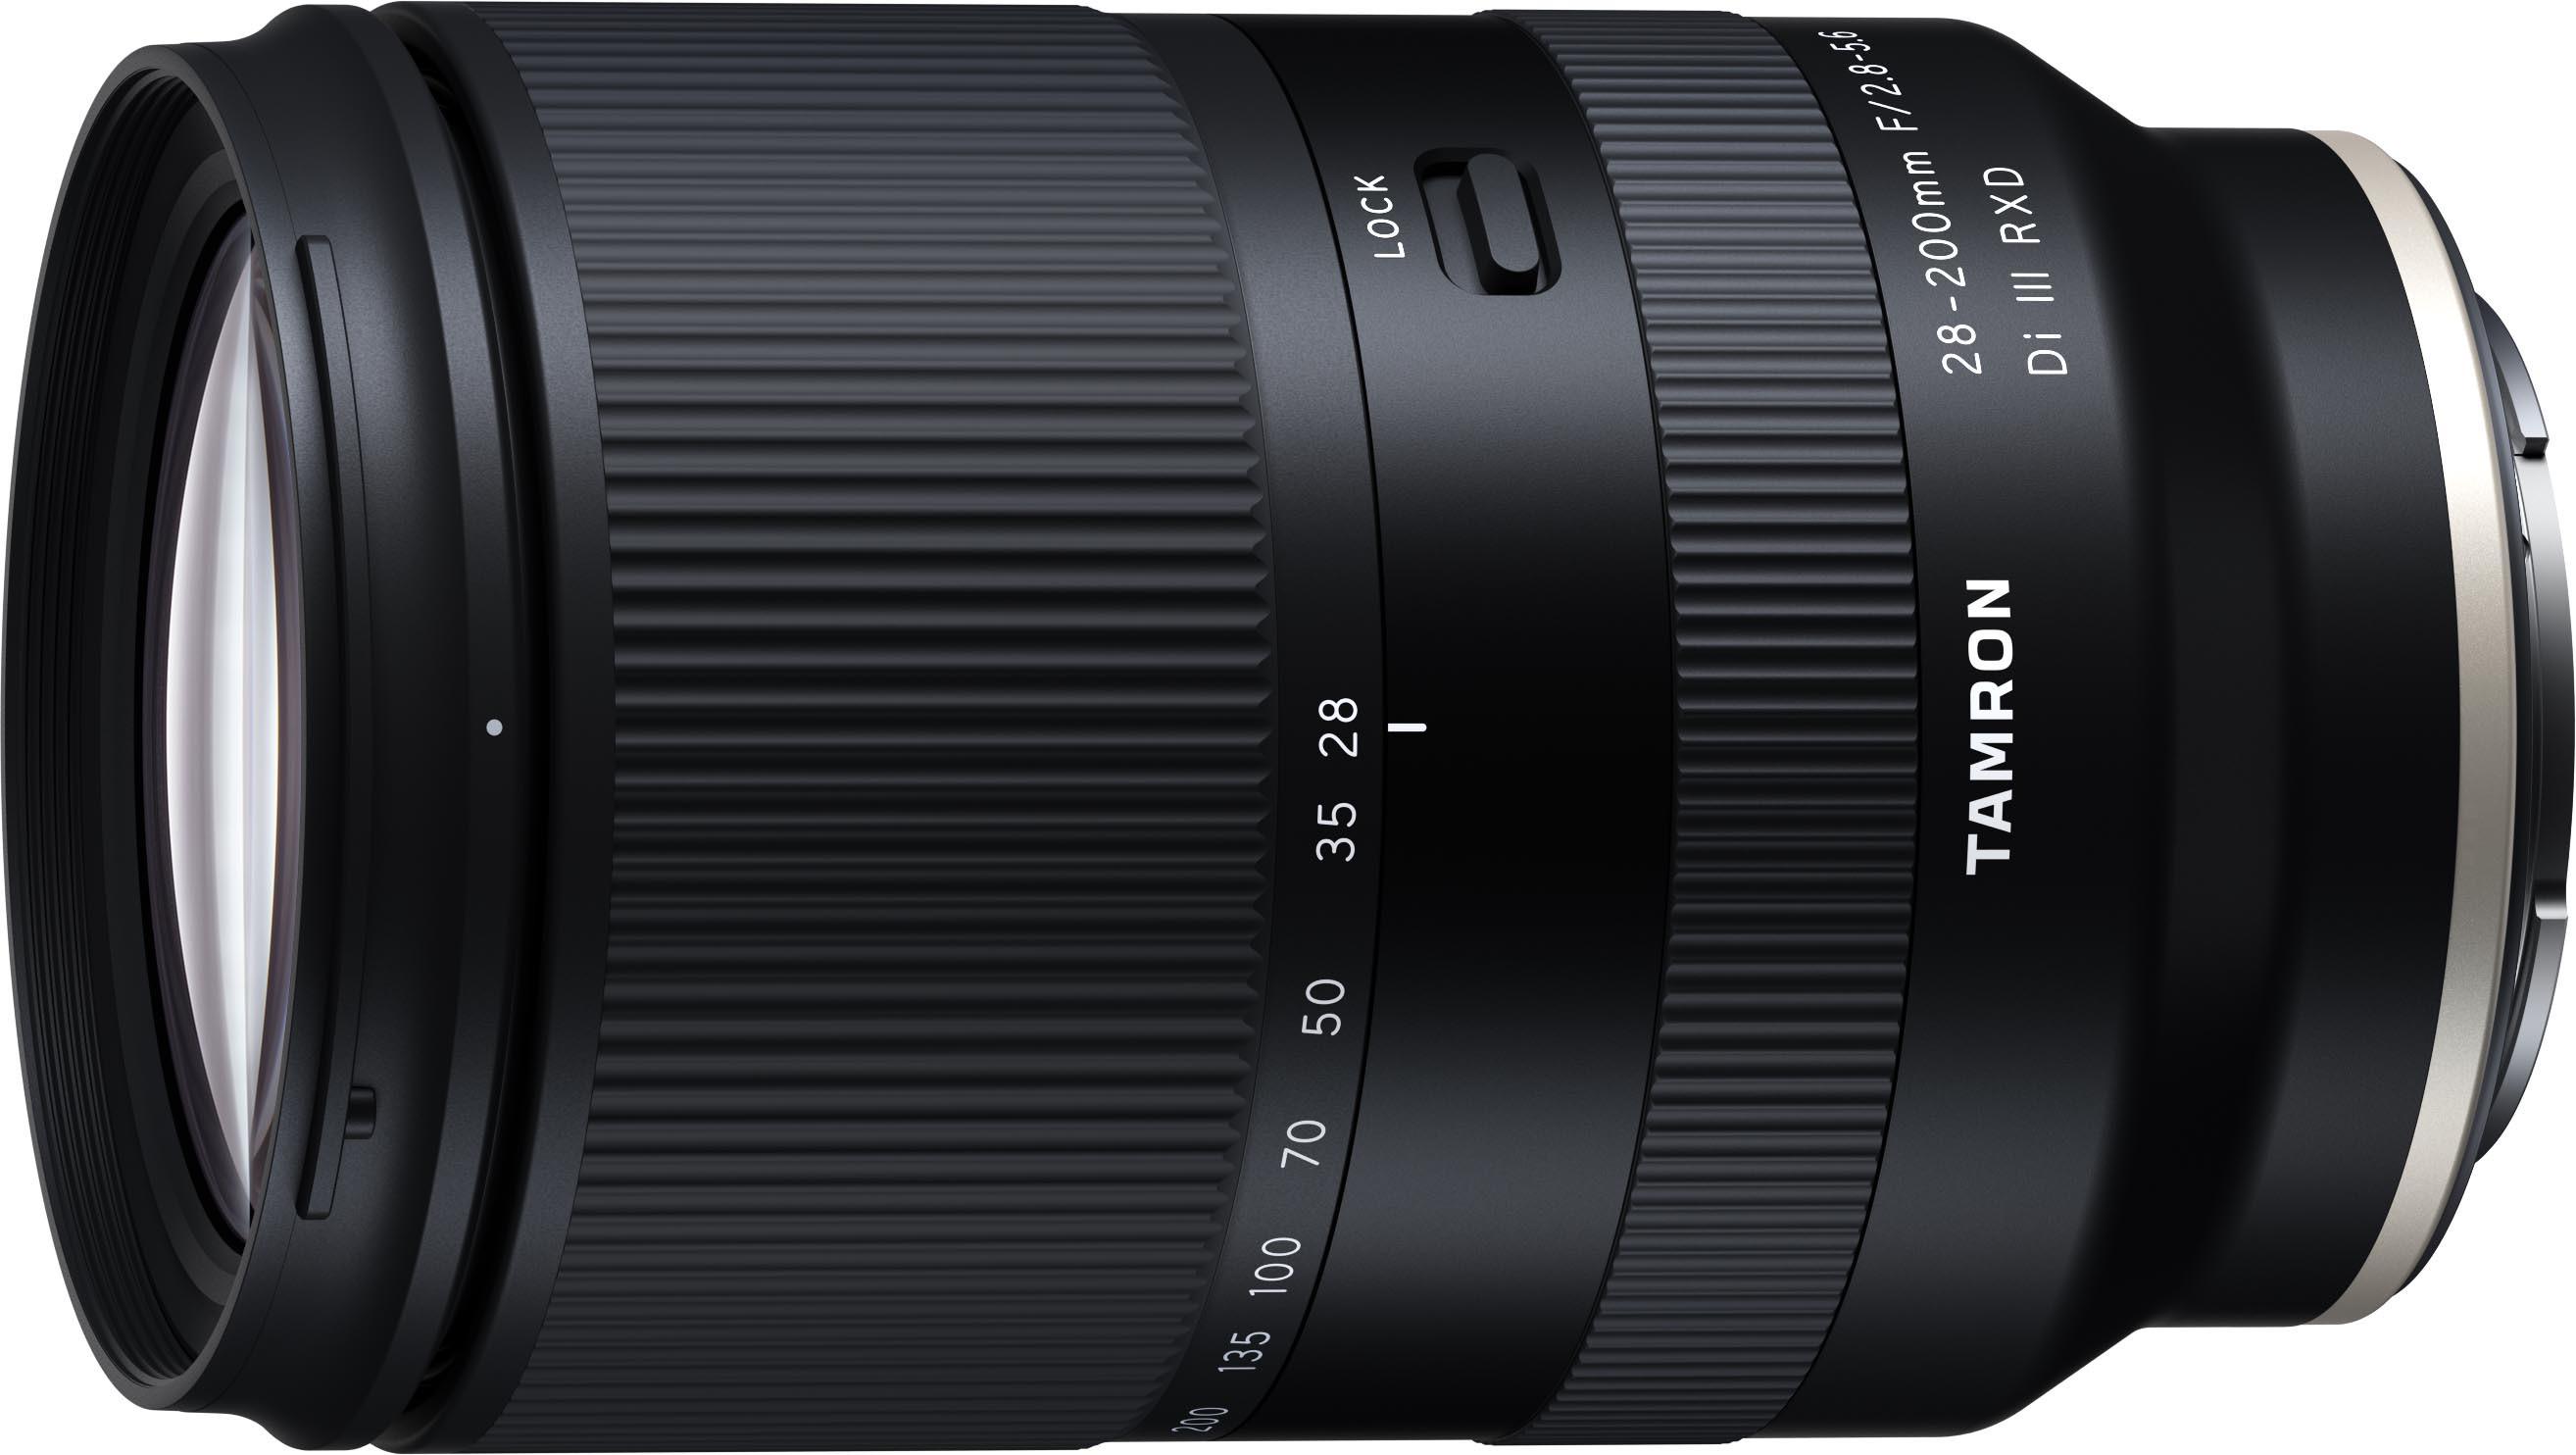 Tamron 28-200mm f/2.8-5.6 Di III RXD objektiiv So..